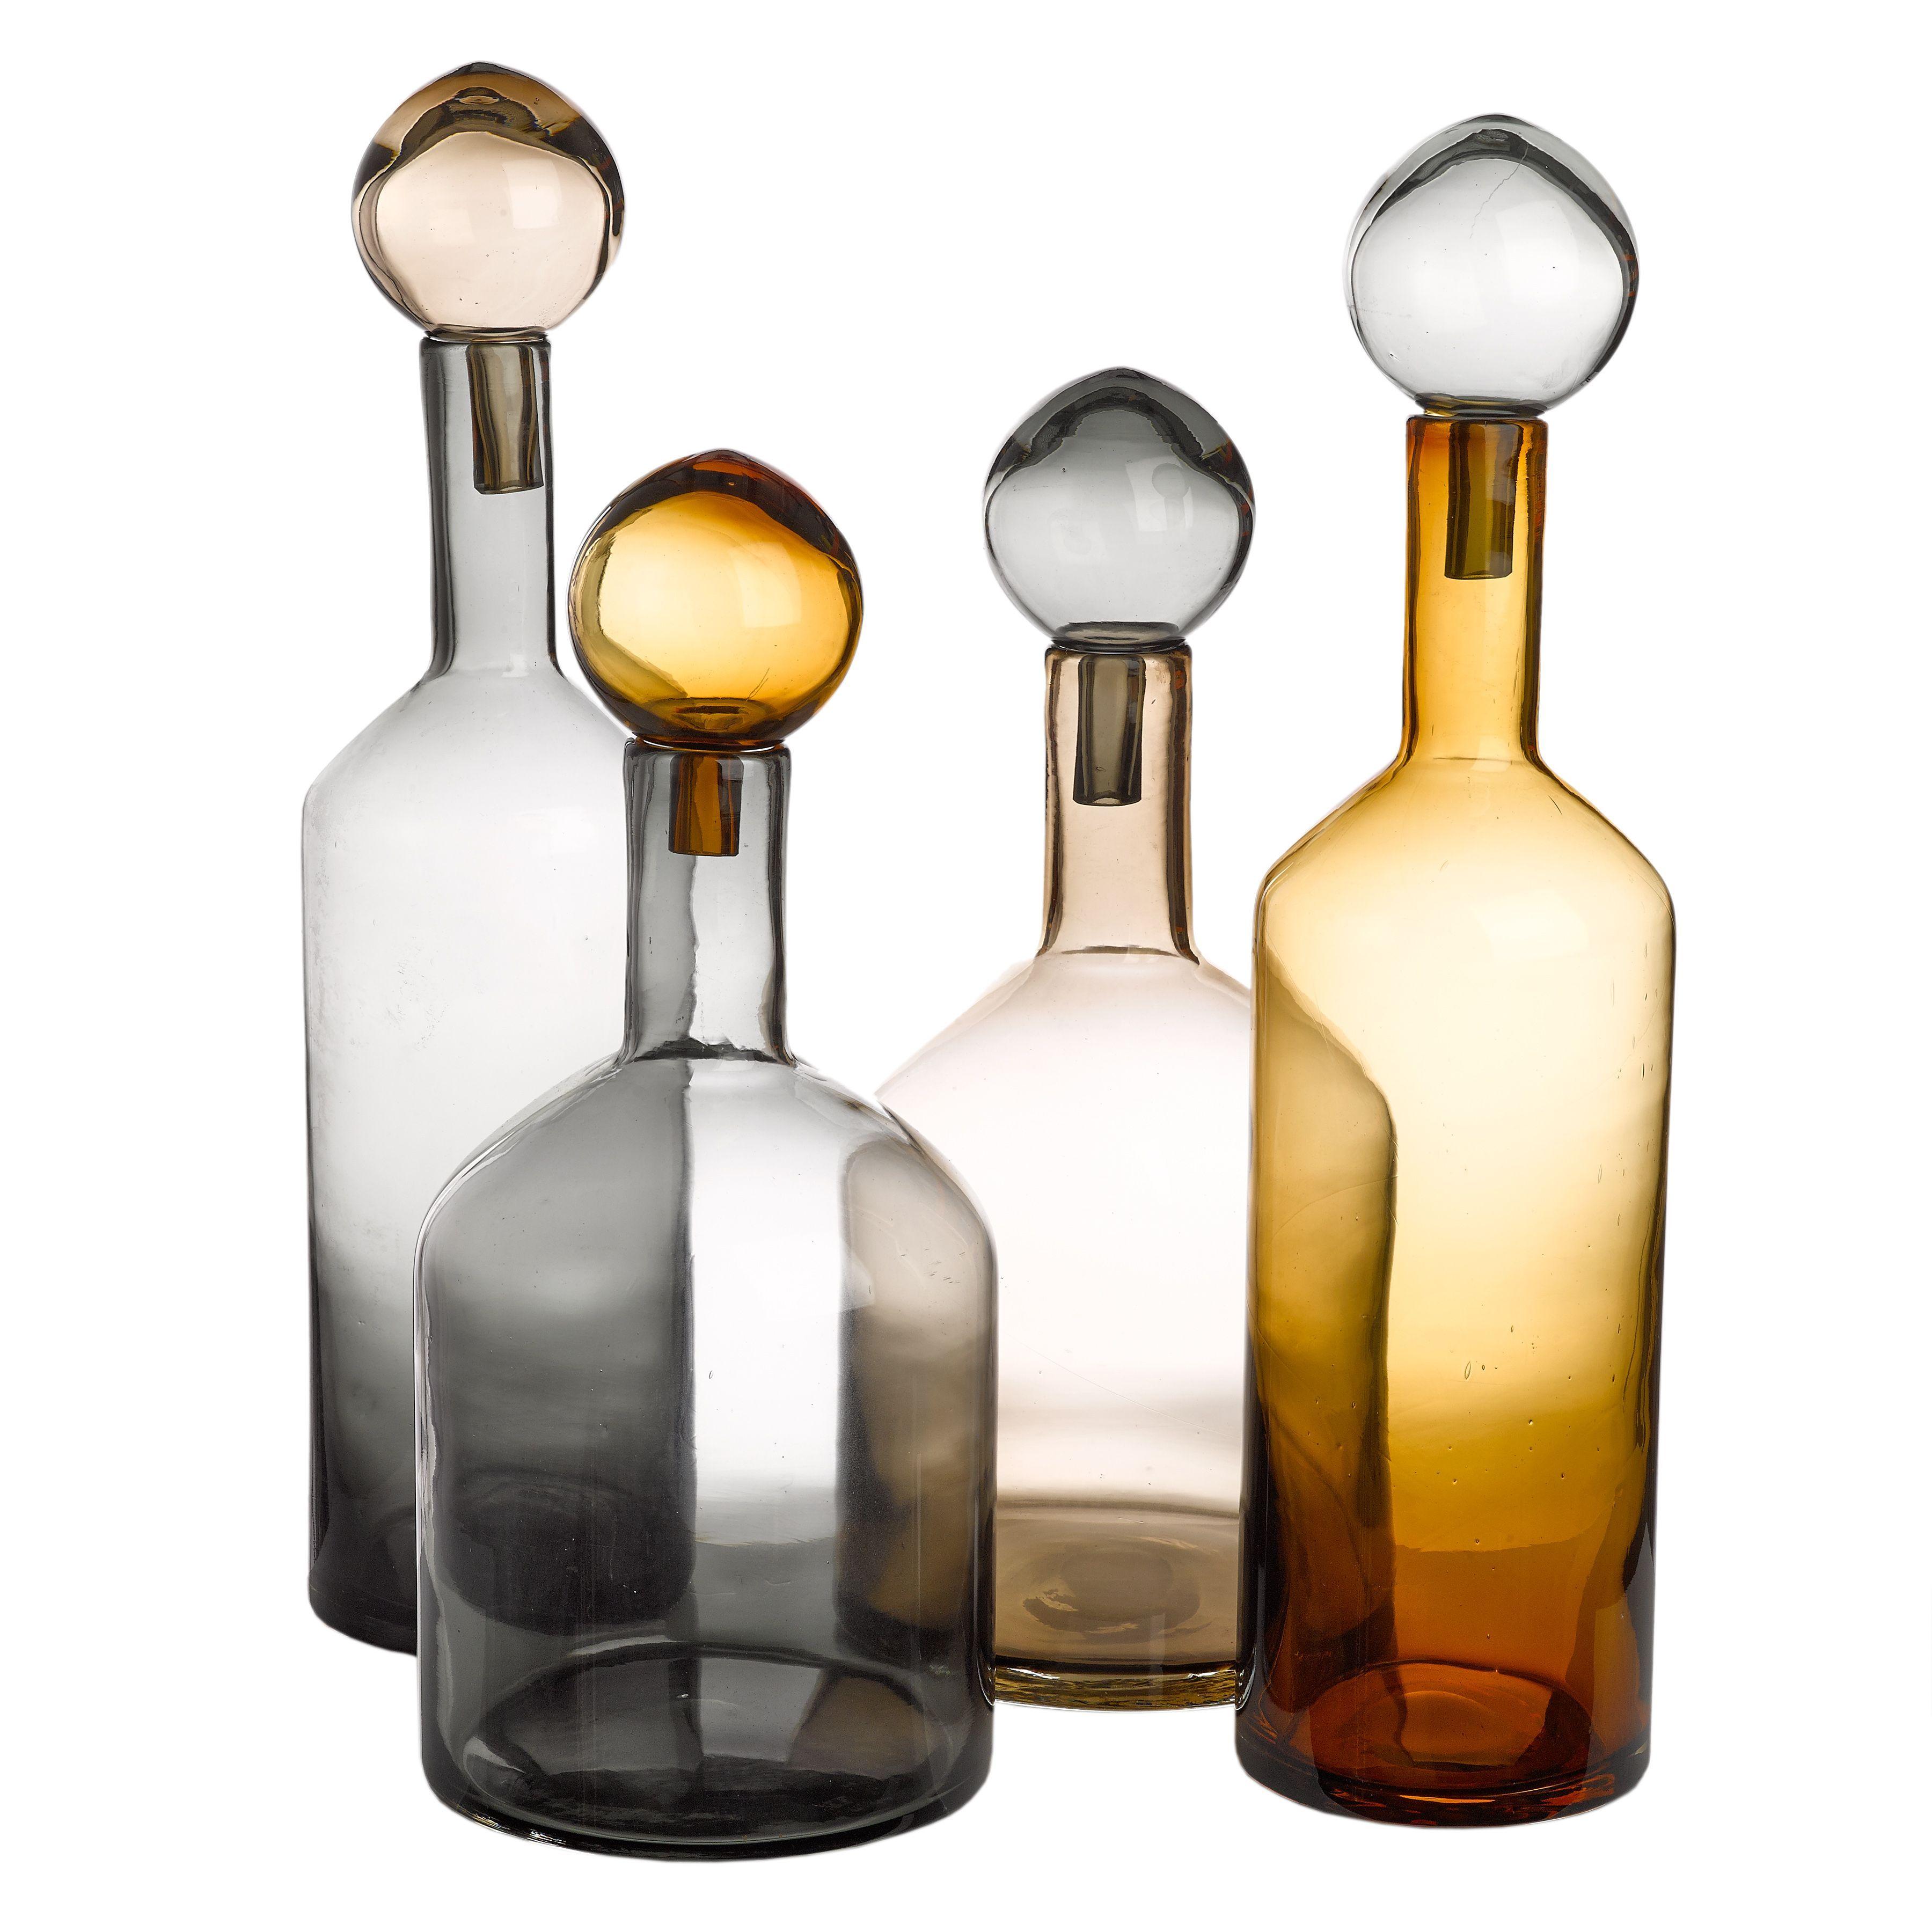 Pols Potten Bubbles & Bottles Chic glas 4 stuks kopen